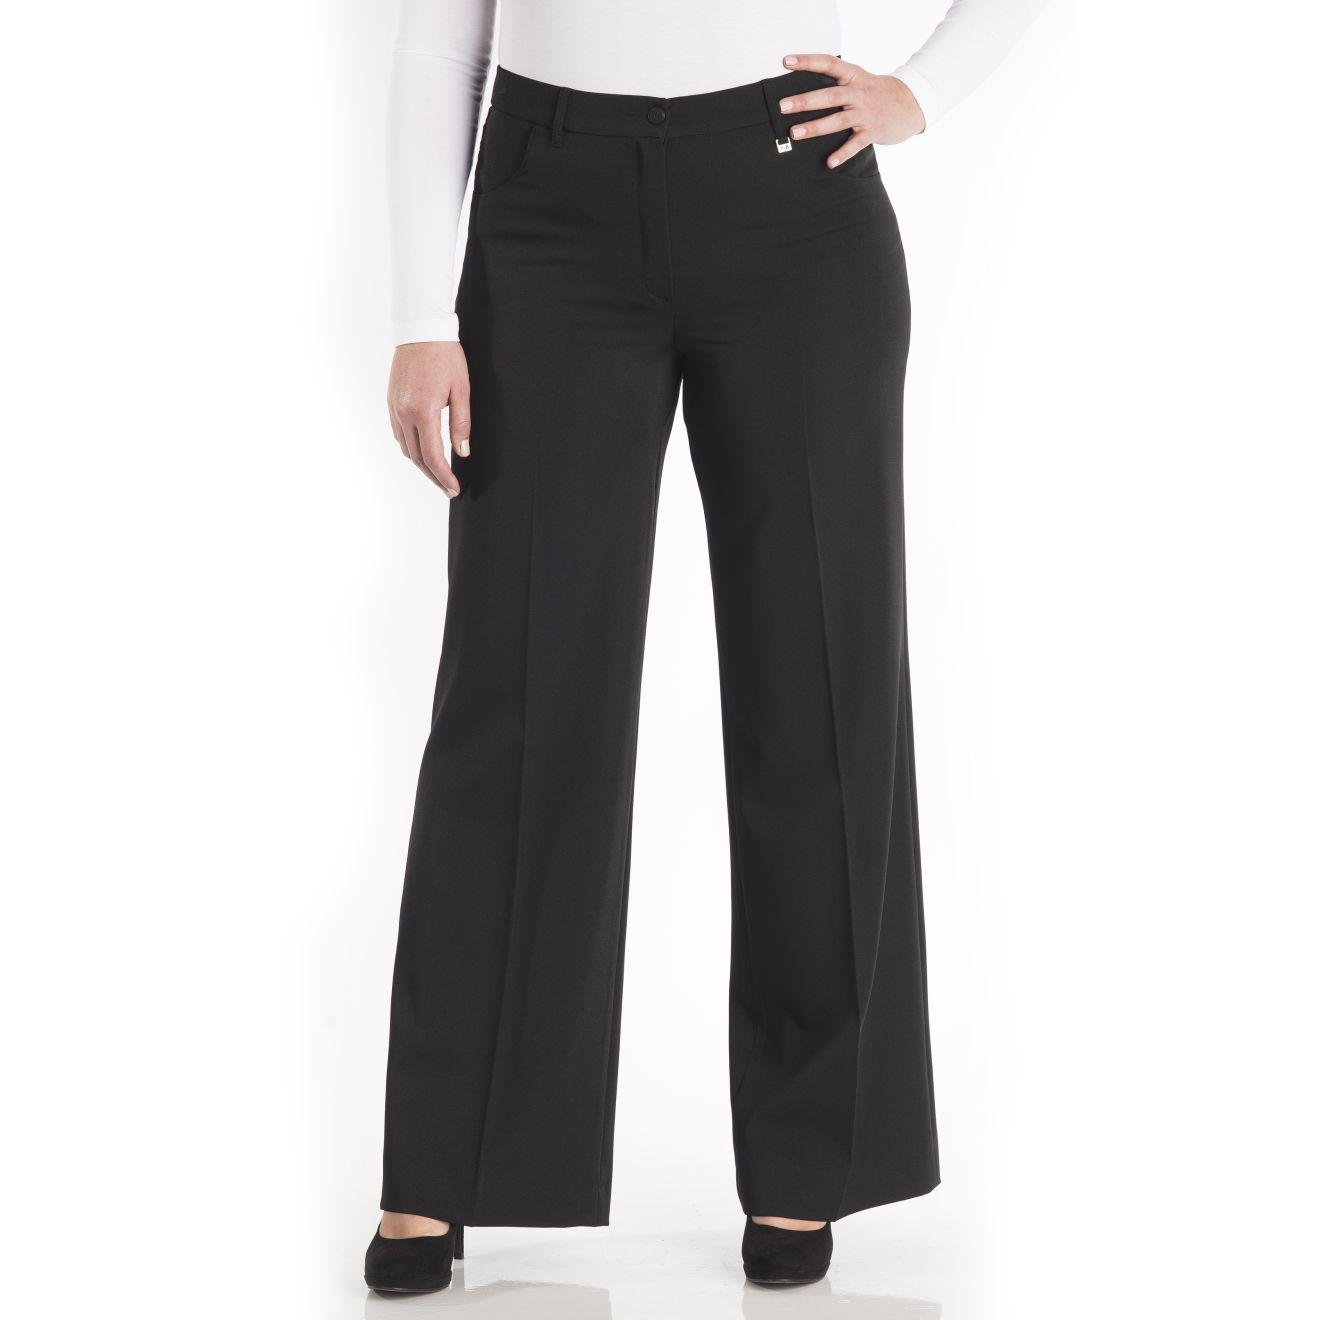 KjBRAND elastische MARLENE Hose, Damenhose, Bundhose in XXL Größe 38 58 (7280 23015)